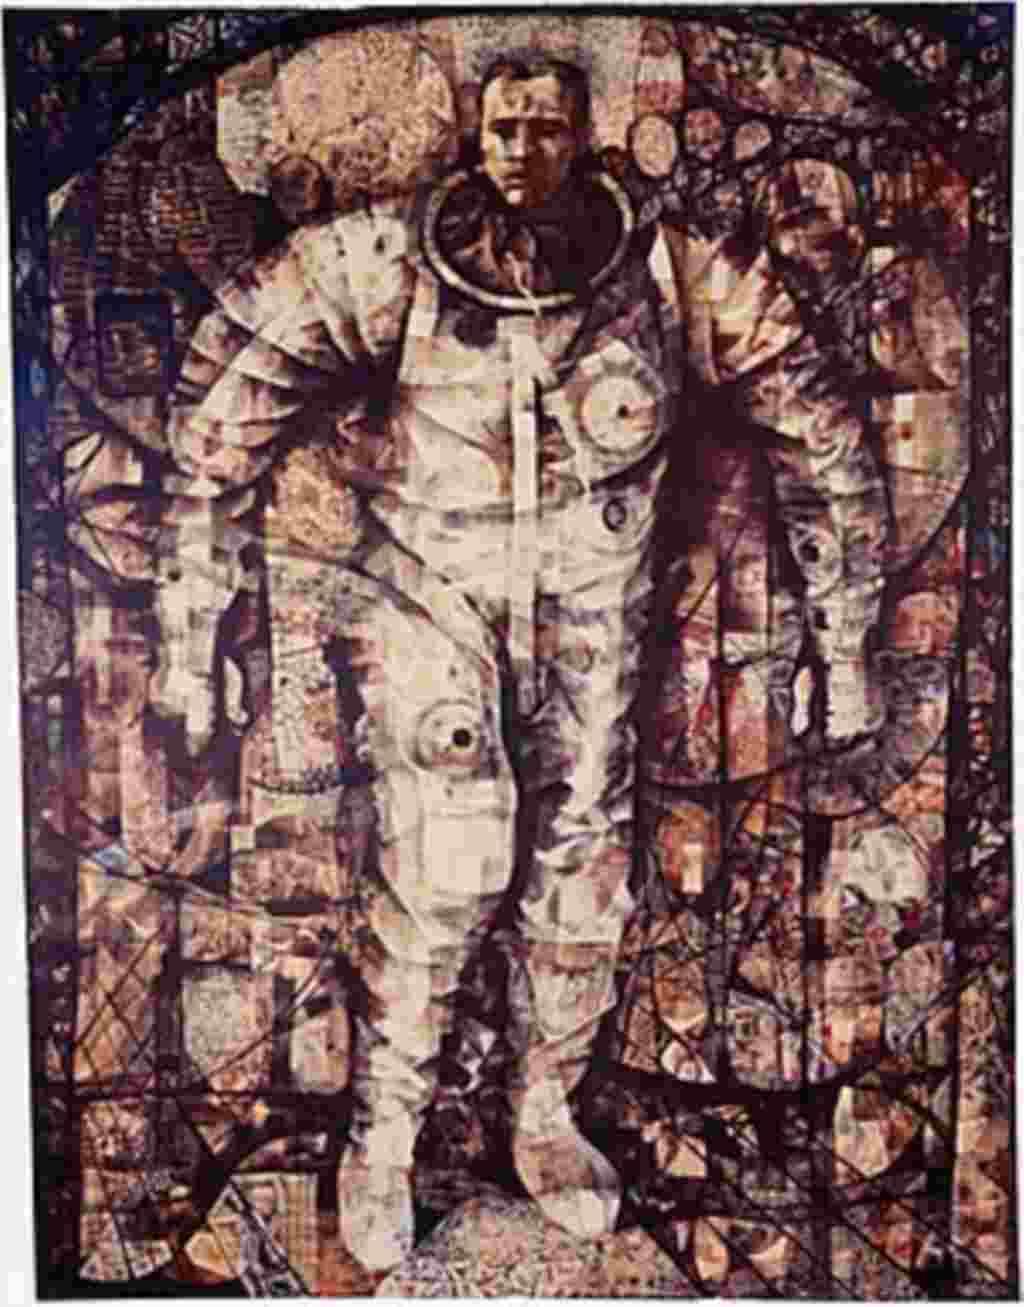 En un a moneda de plata se ilustra al astronauta Gordon Cooper en su traje espacial a pocos pasos del transbordador Mercury.